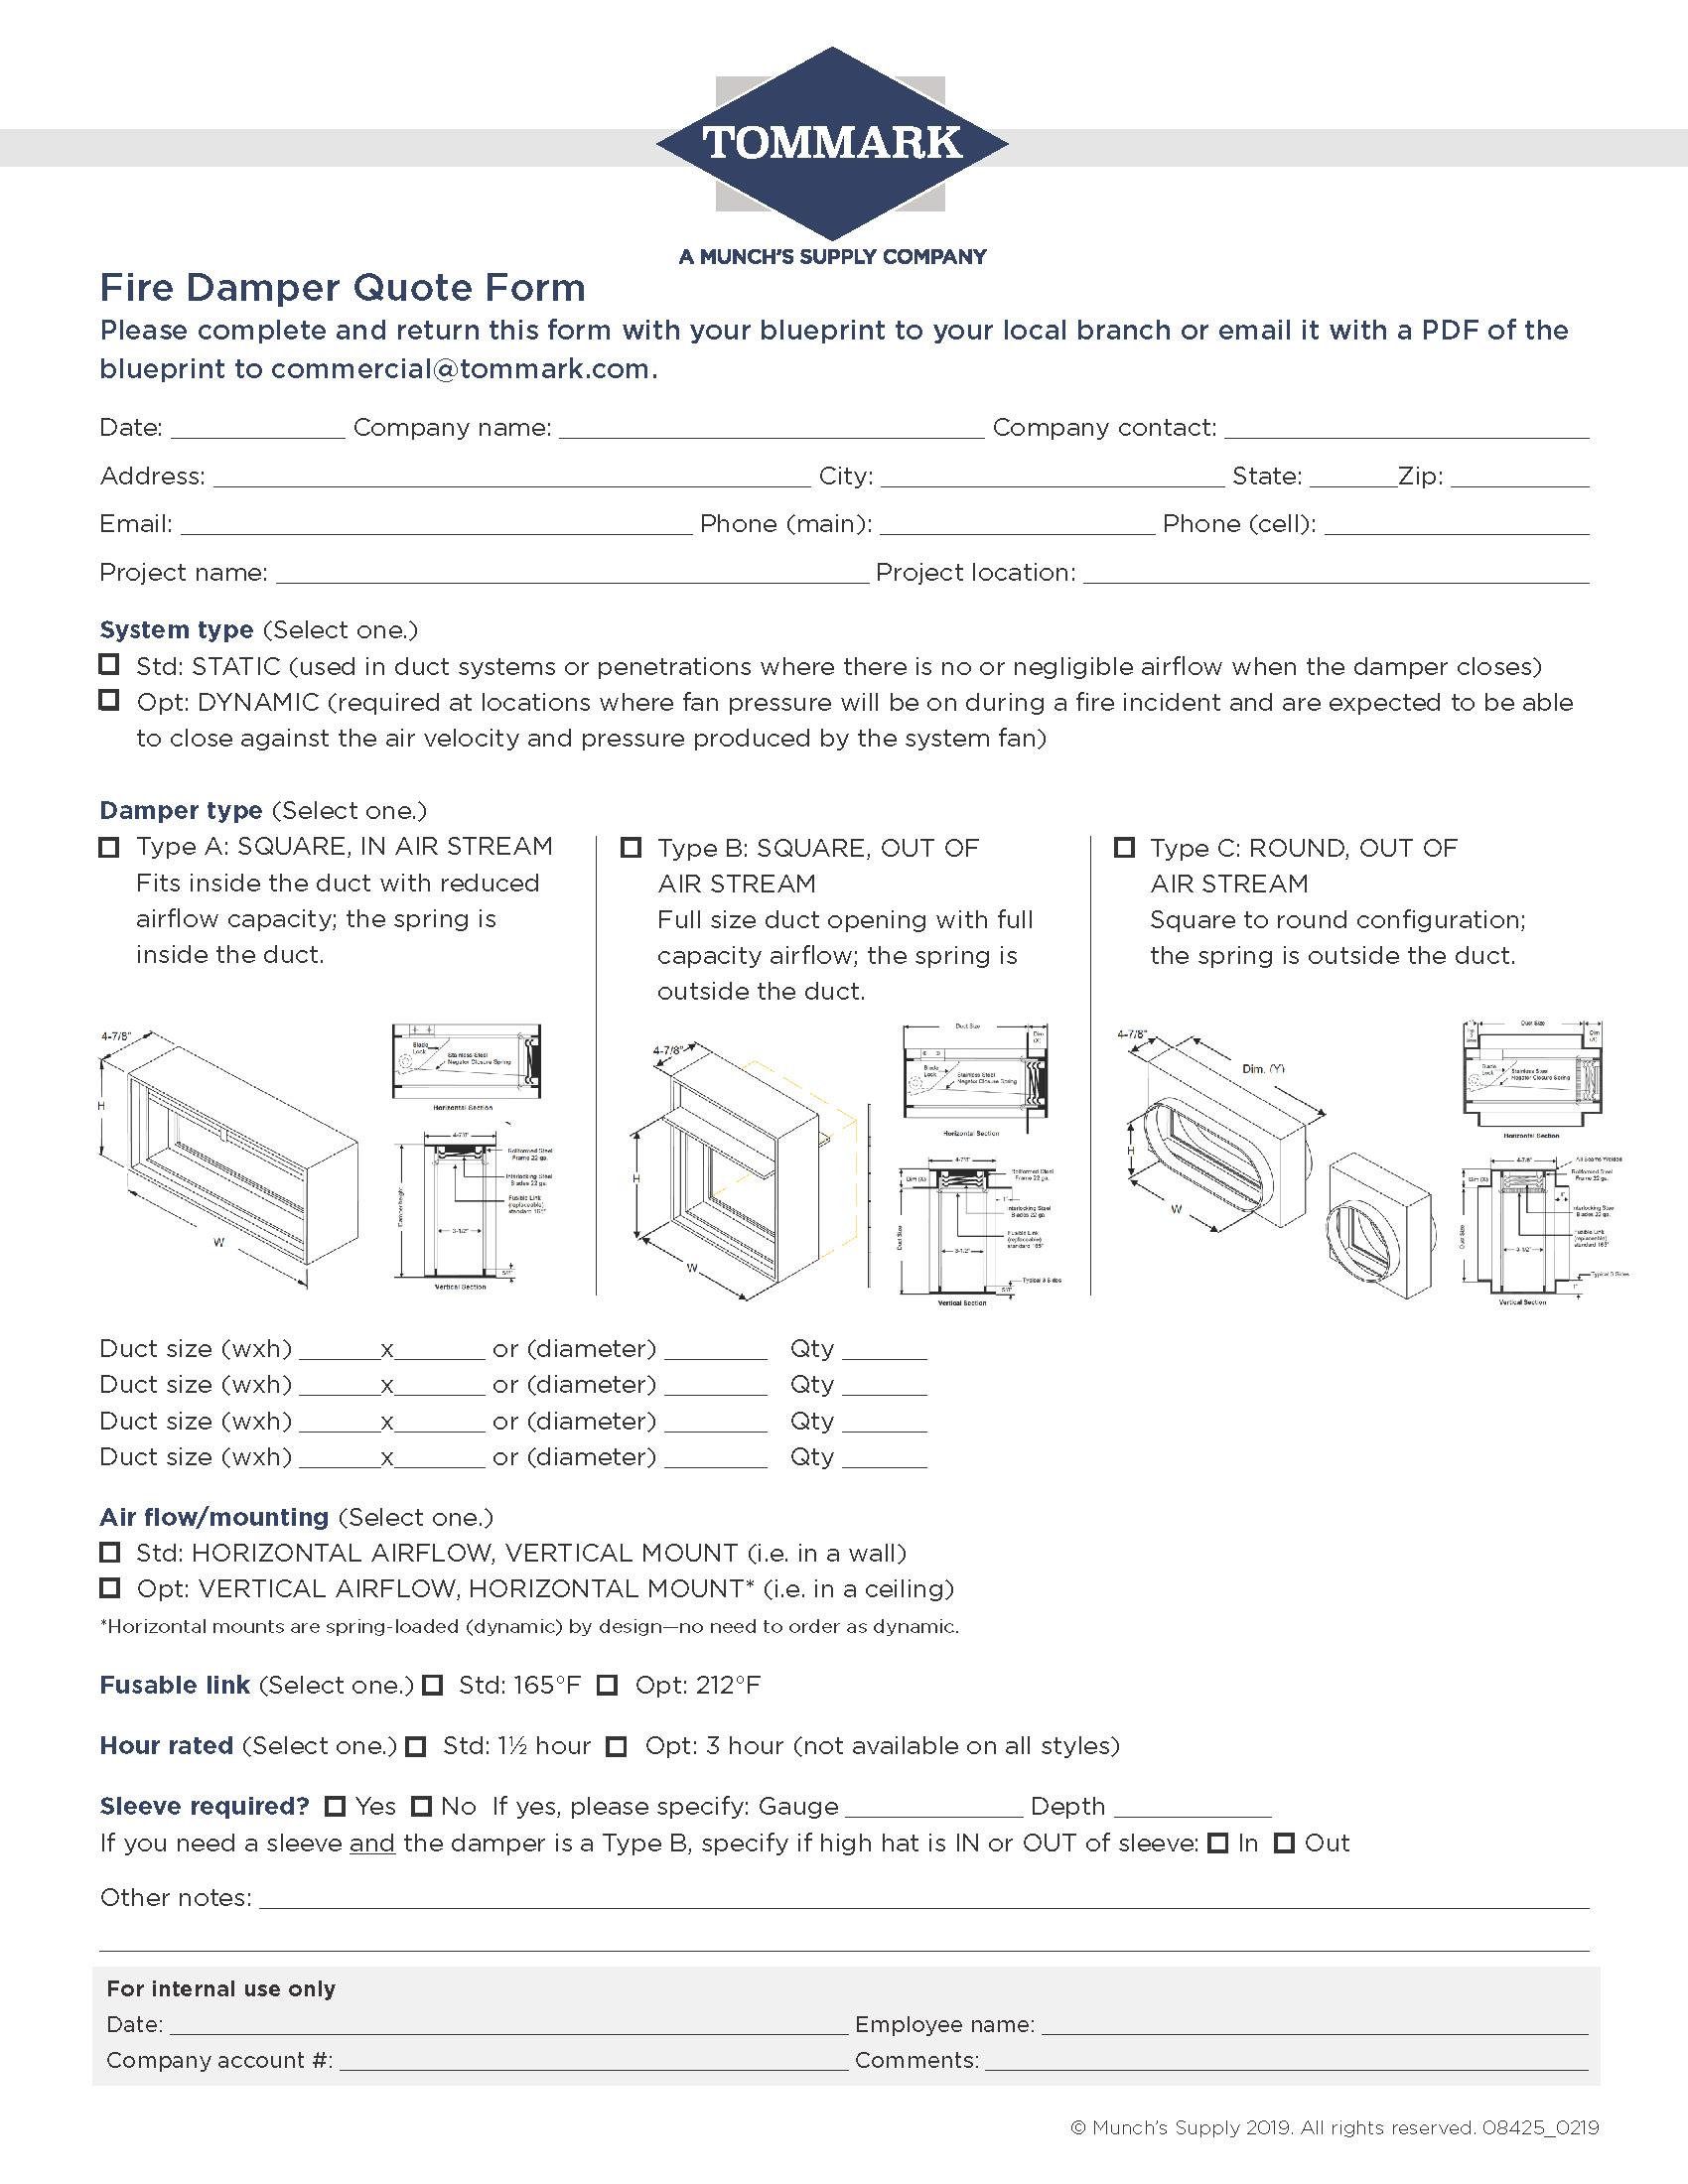 Fire Damper Form-tommark-fill-in